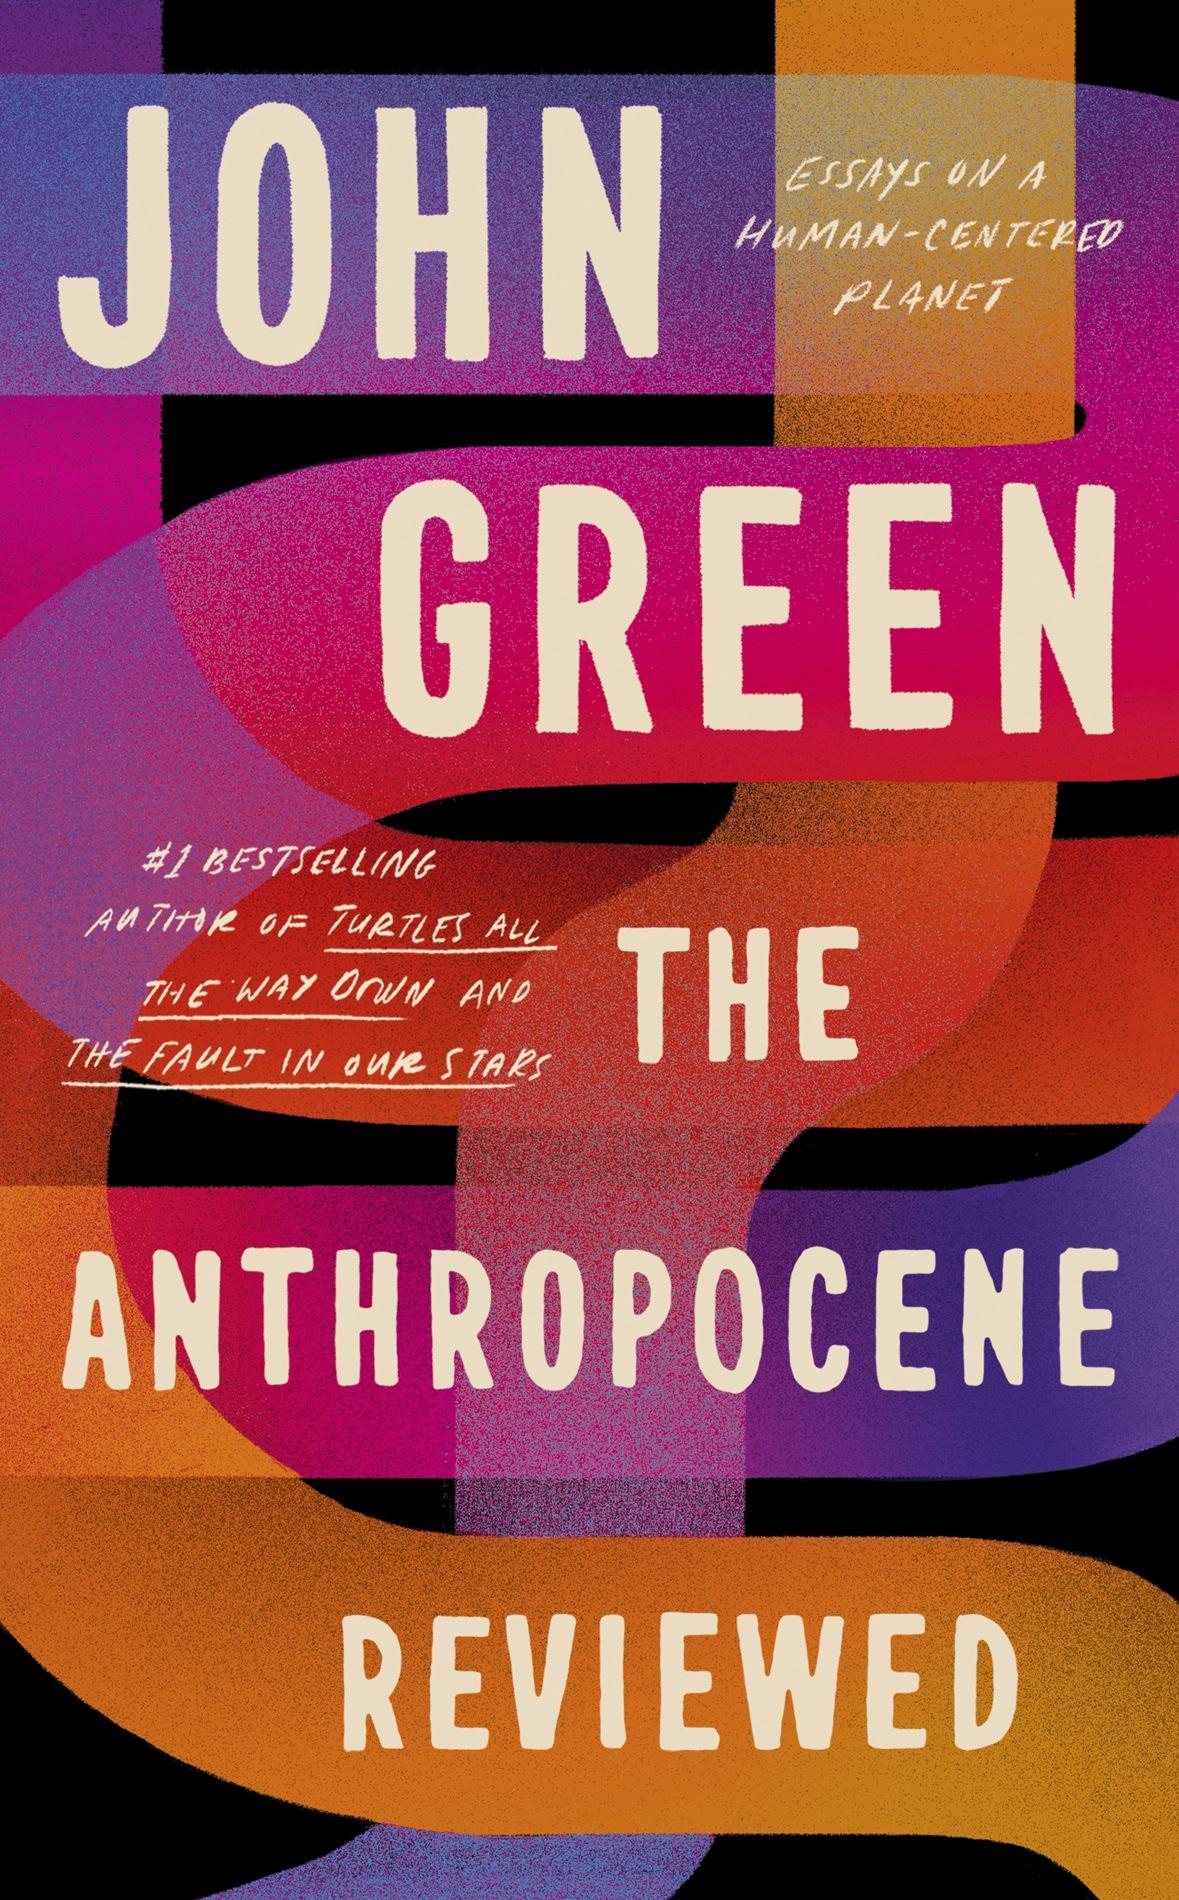 The Anthropocene Reviewed (2021, Penguin Books Ltd)